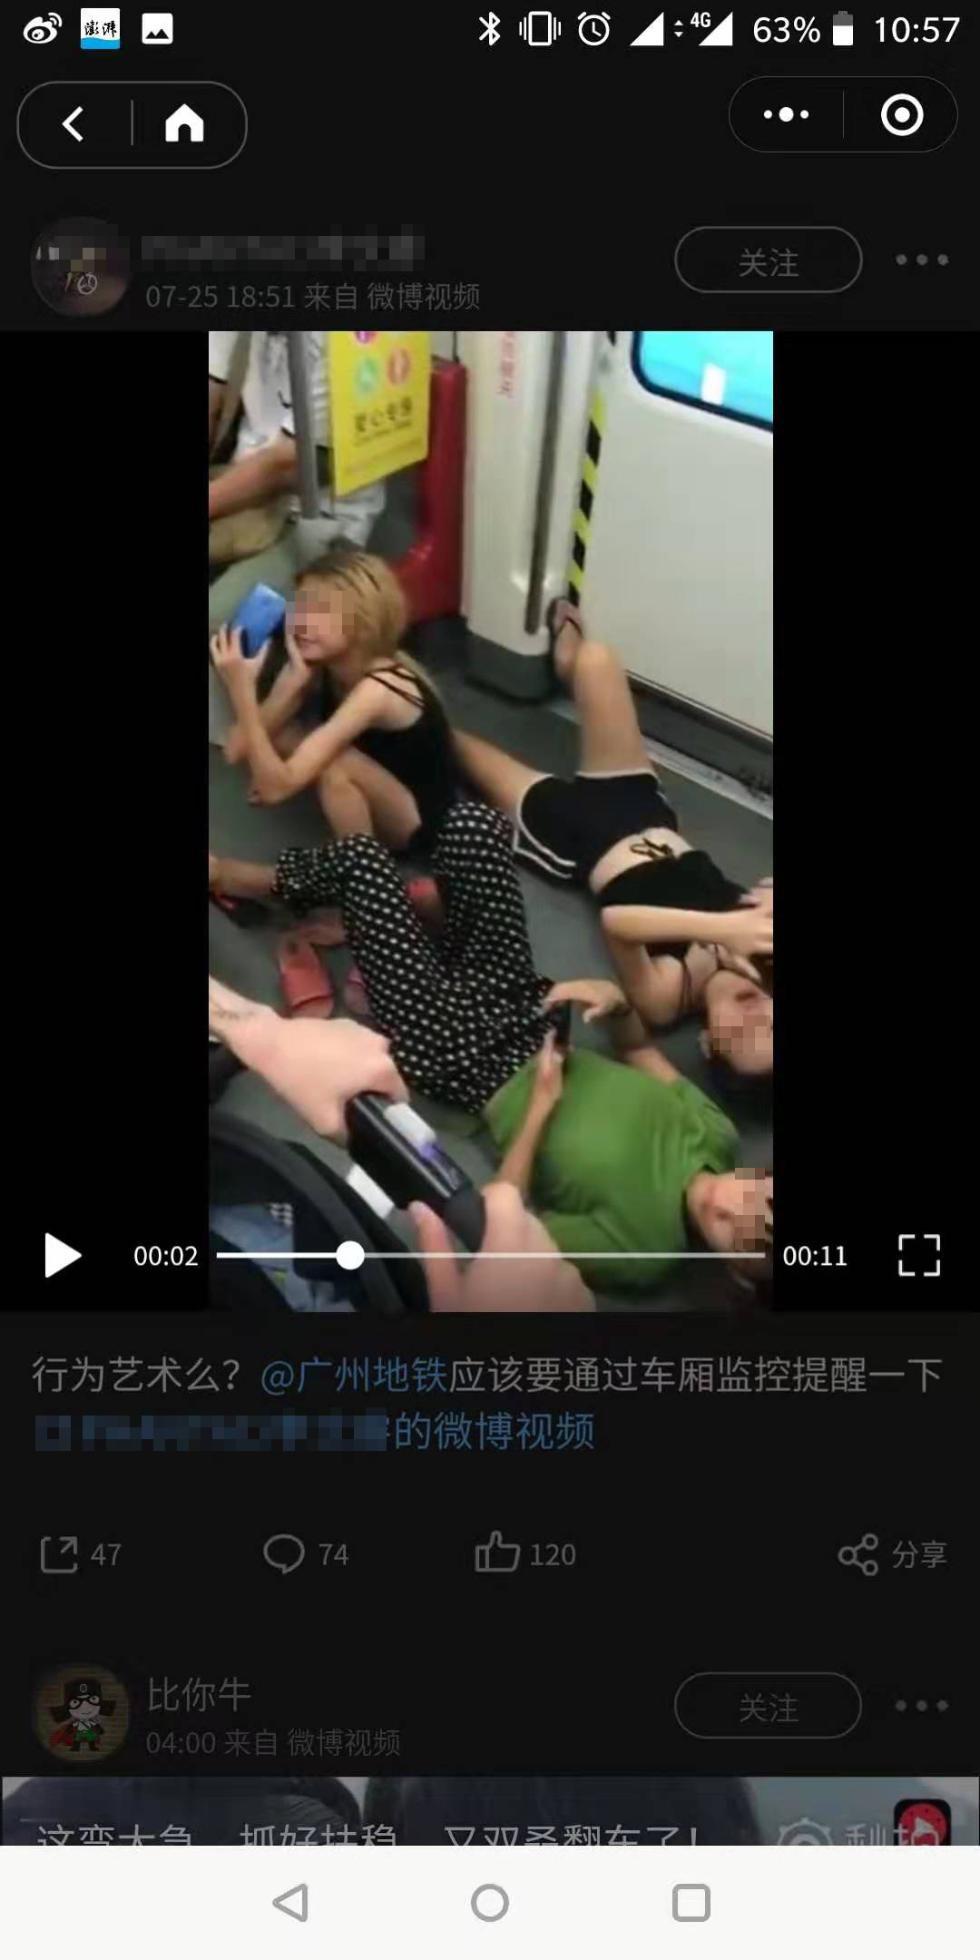 数名女子横躺车厢玩手机,广州地铁:已劝止,当事人自称不适